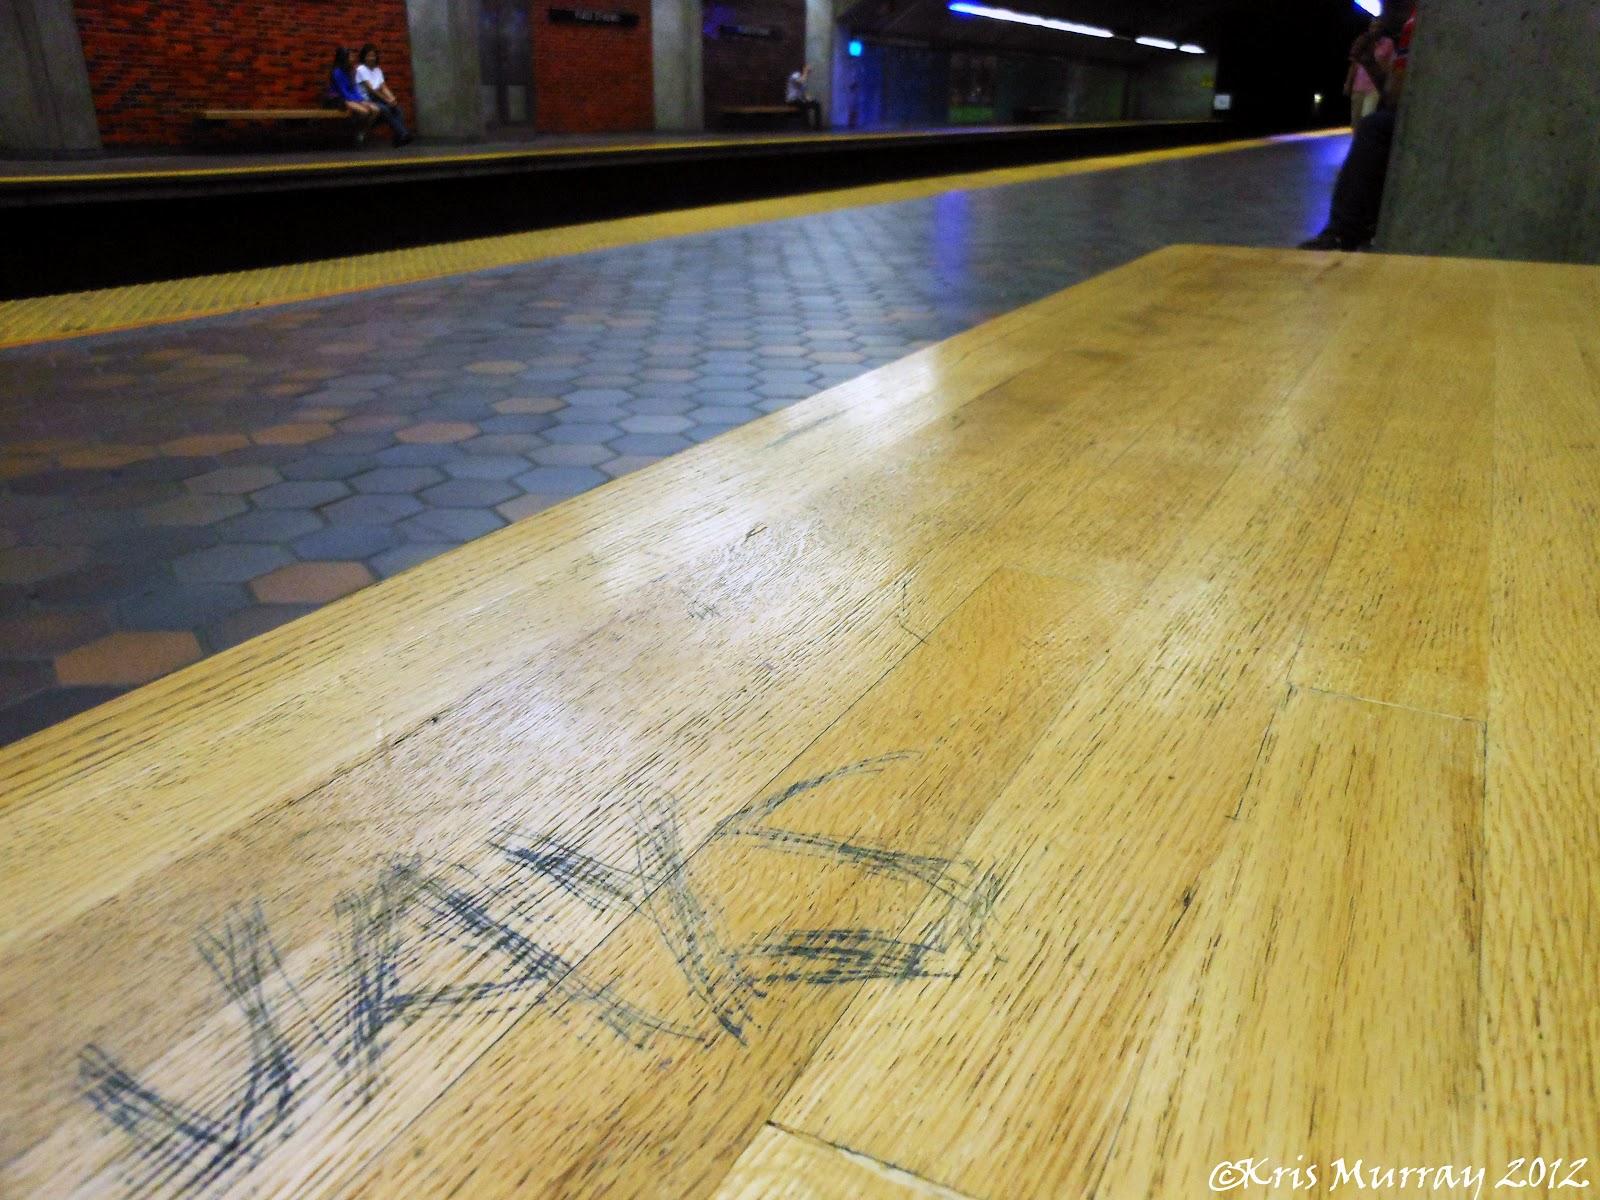 http://3.bp.blogspot.com/-WQYlan9N0KU/UDcIf7kOZJI/AAAAAAAAIdk/8Cwtry1sKF8/s1600/Jays+St+Henri+Aug+22+2012+1+wm.jpg